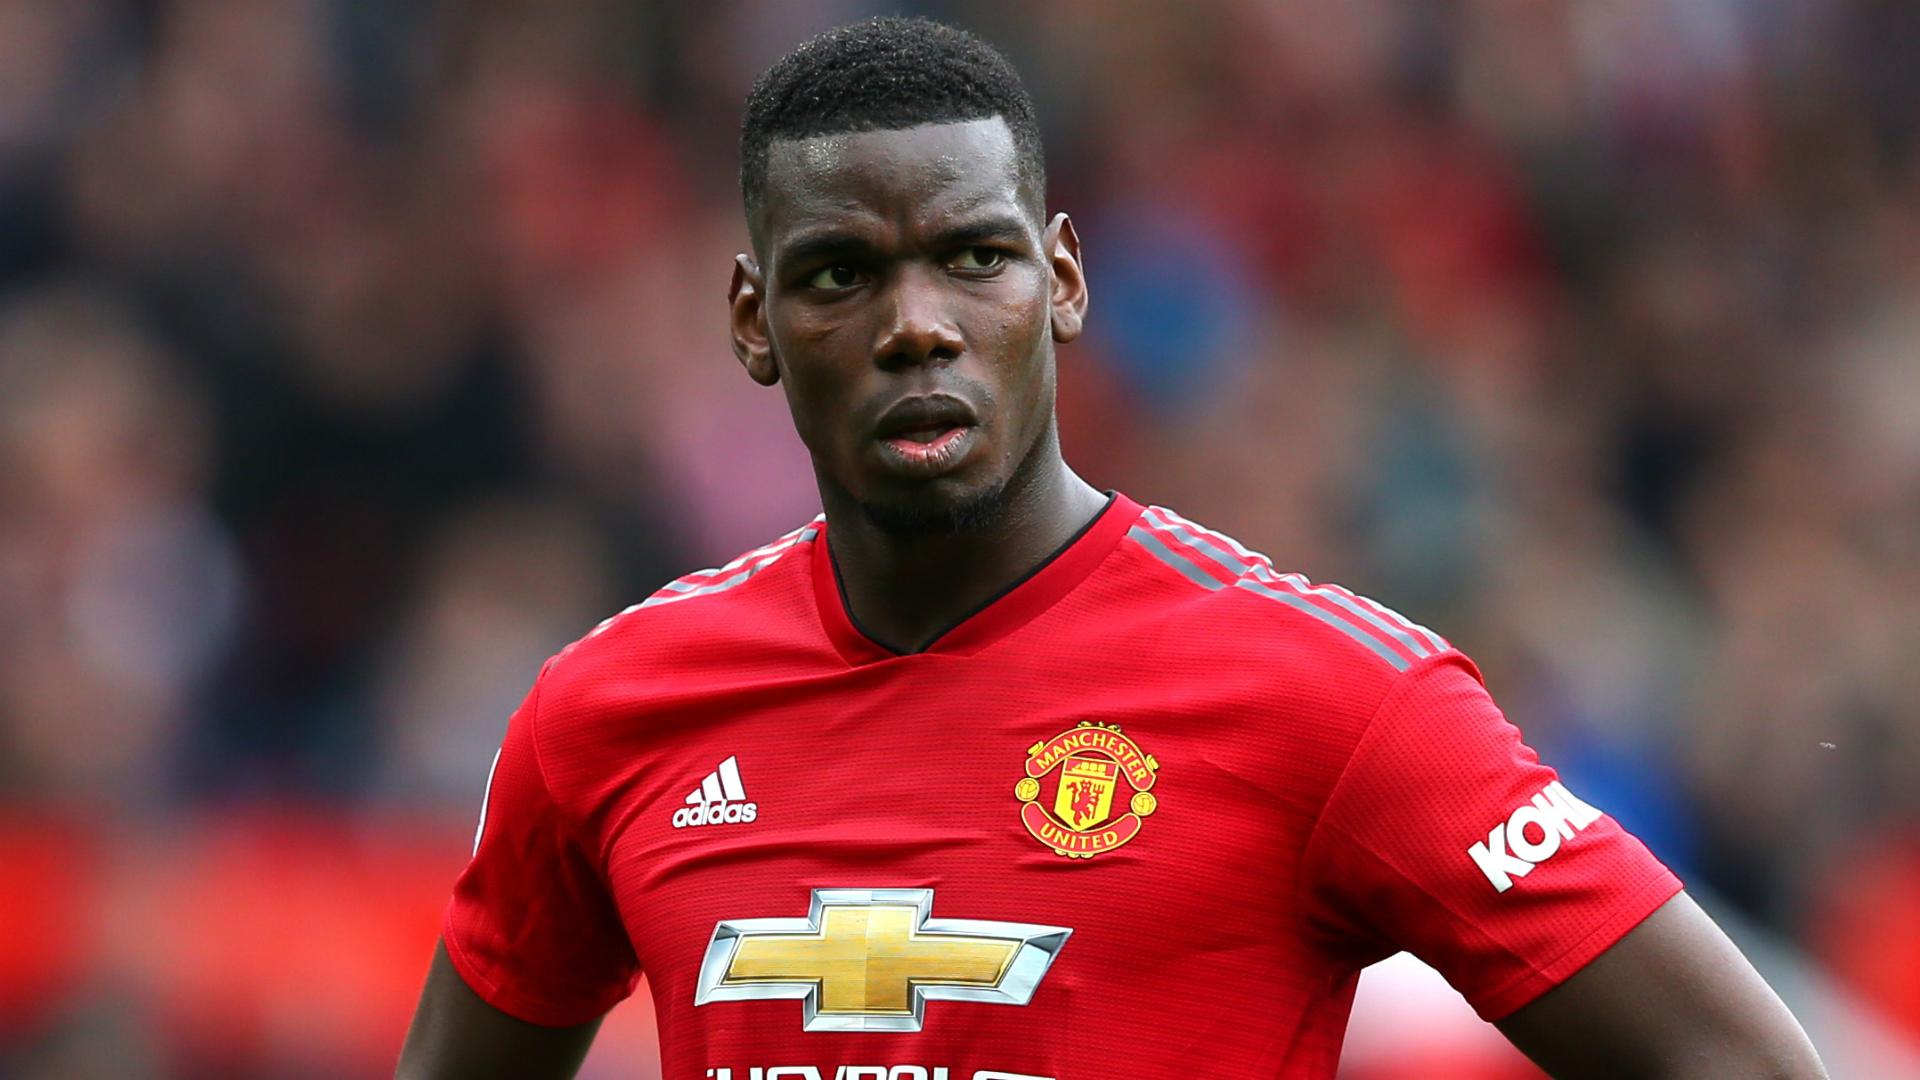 Most expensive Premier League player